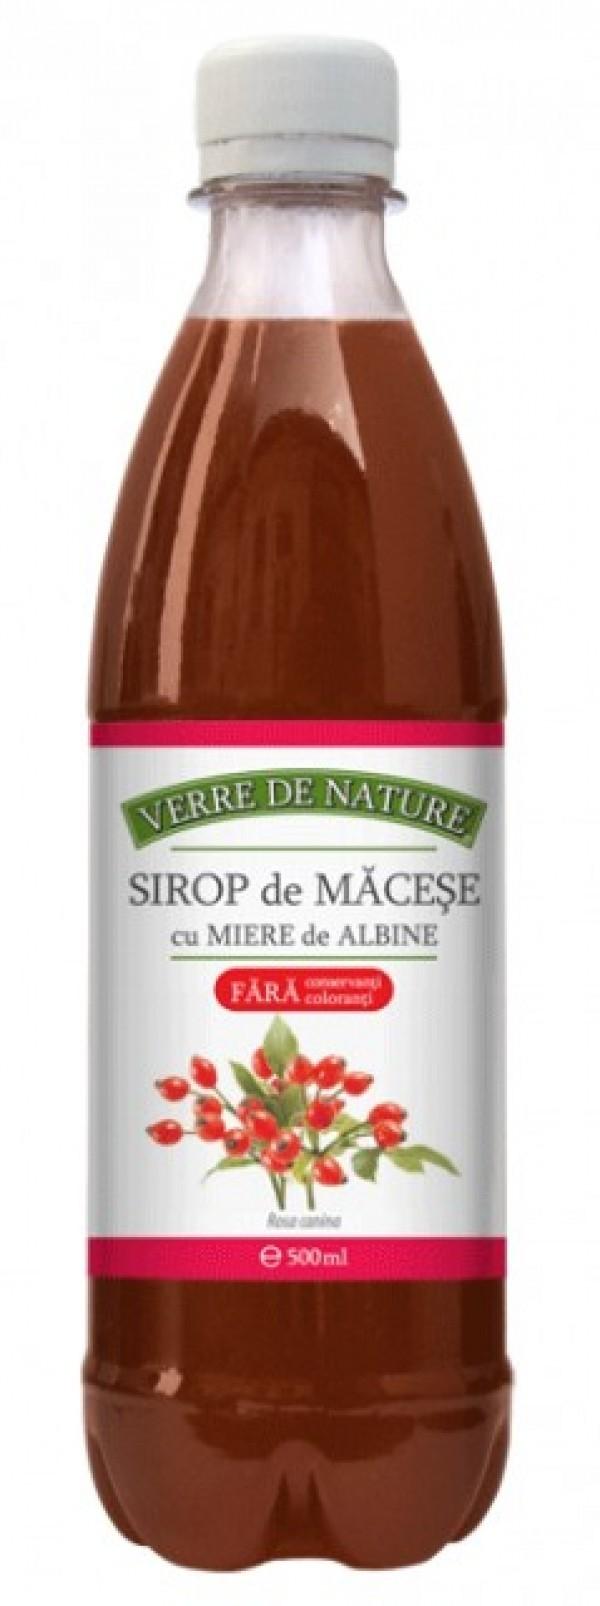 Sirop Macese